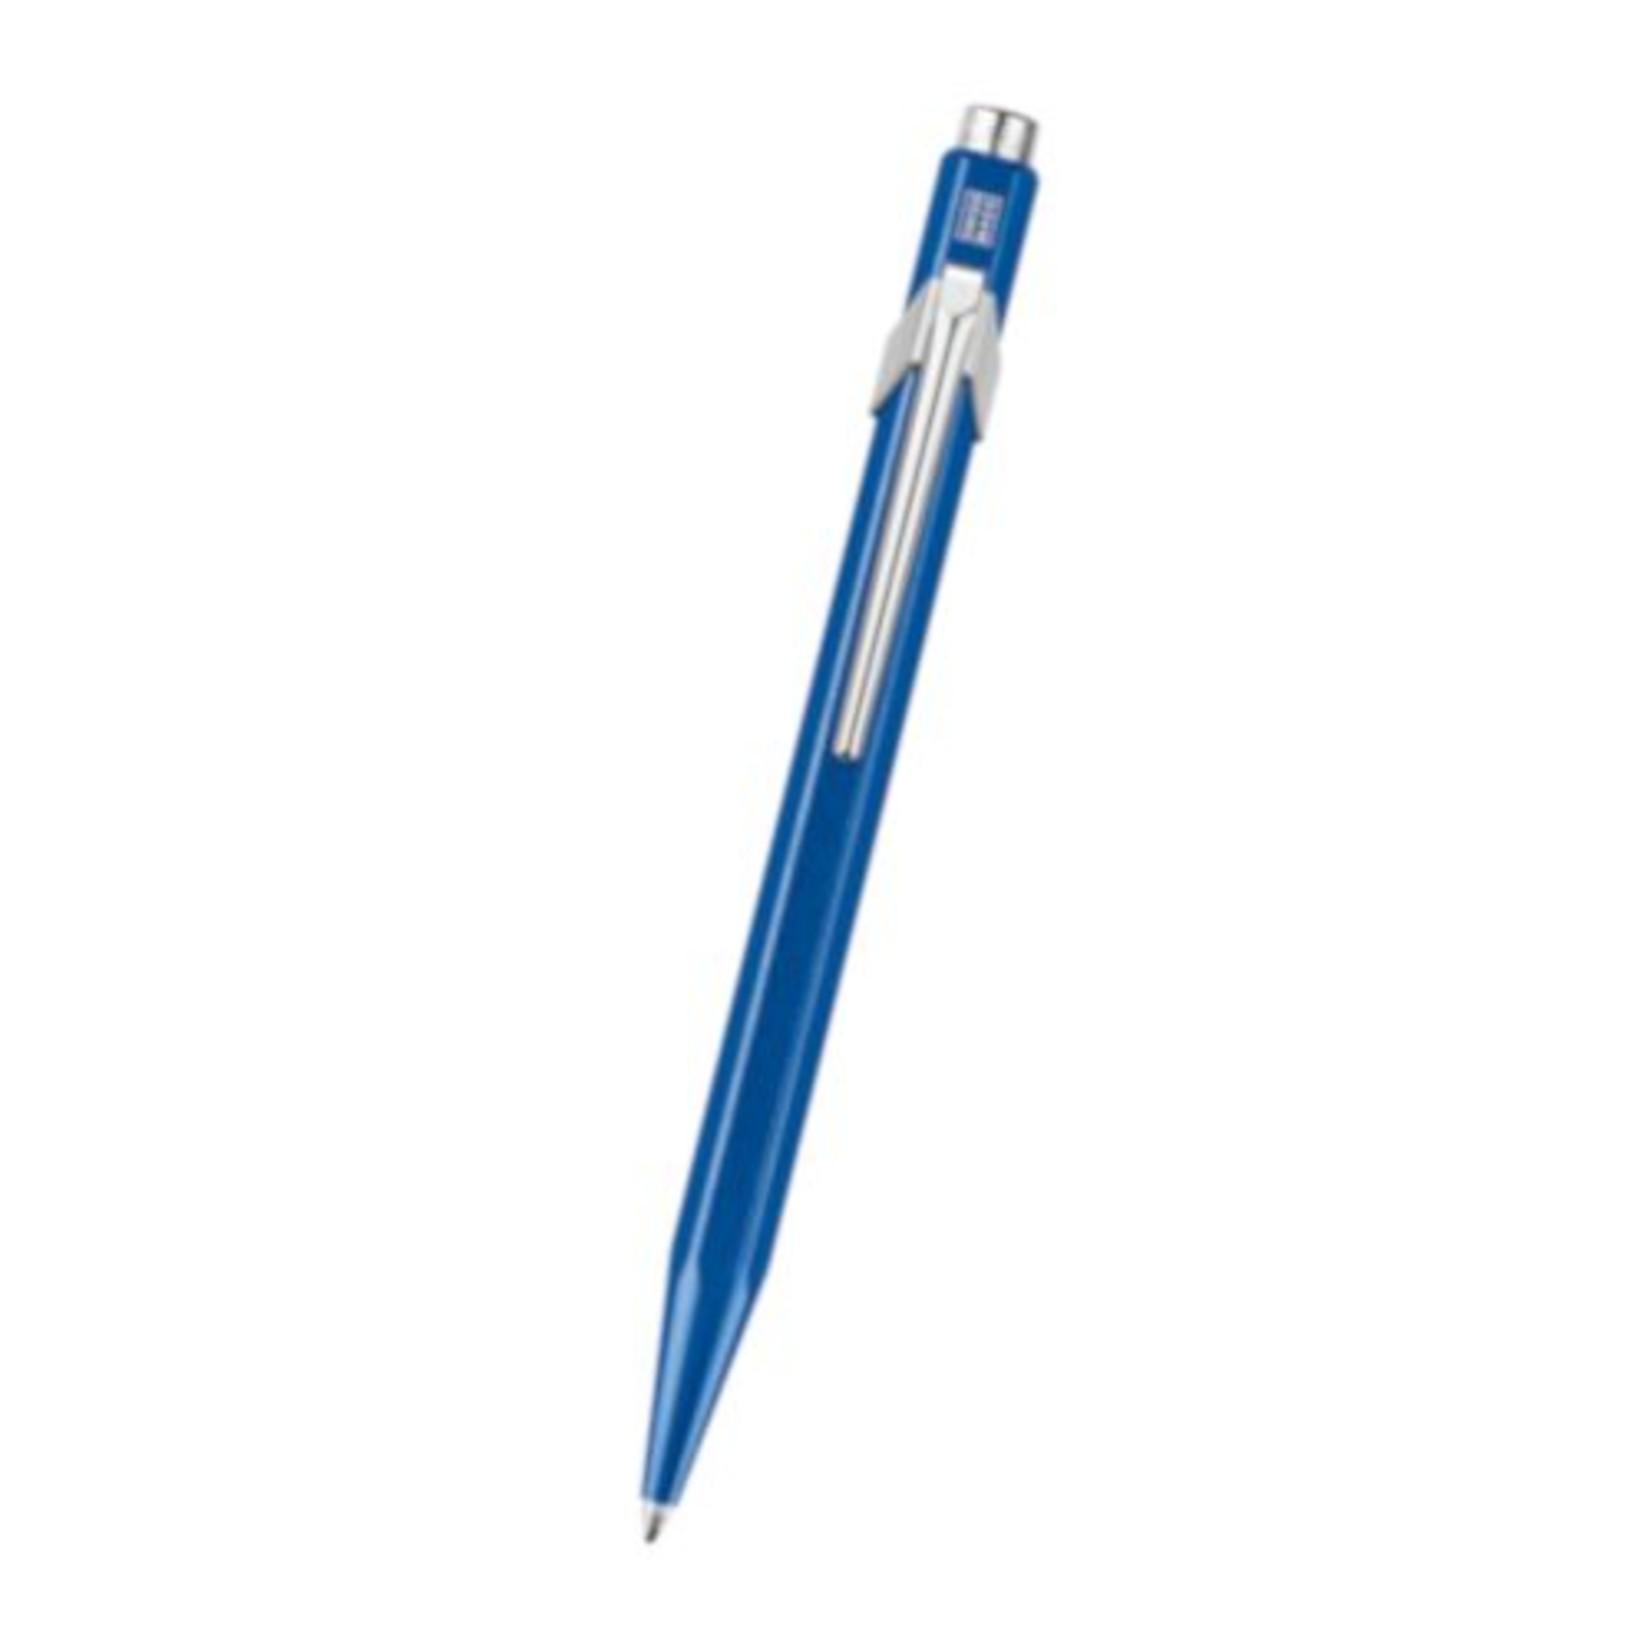 Caran d'Ache Kugelschreiber 849 Metall X Blau